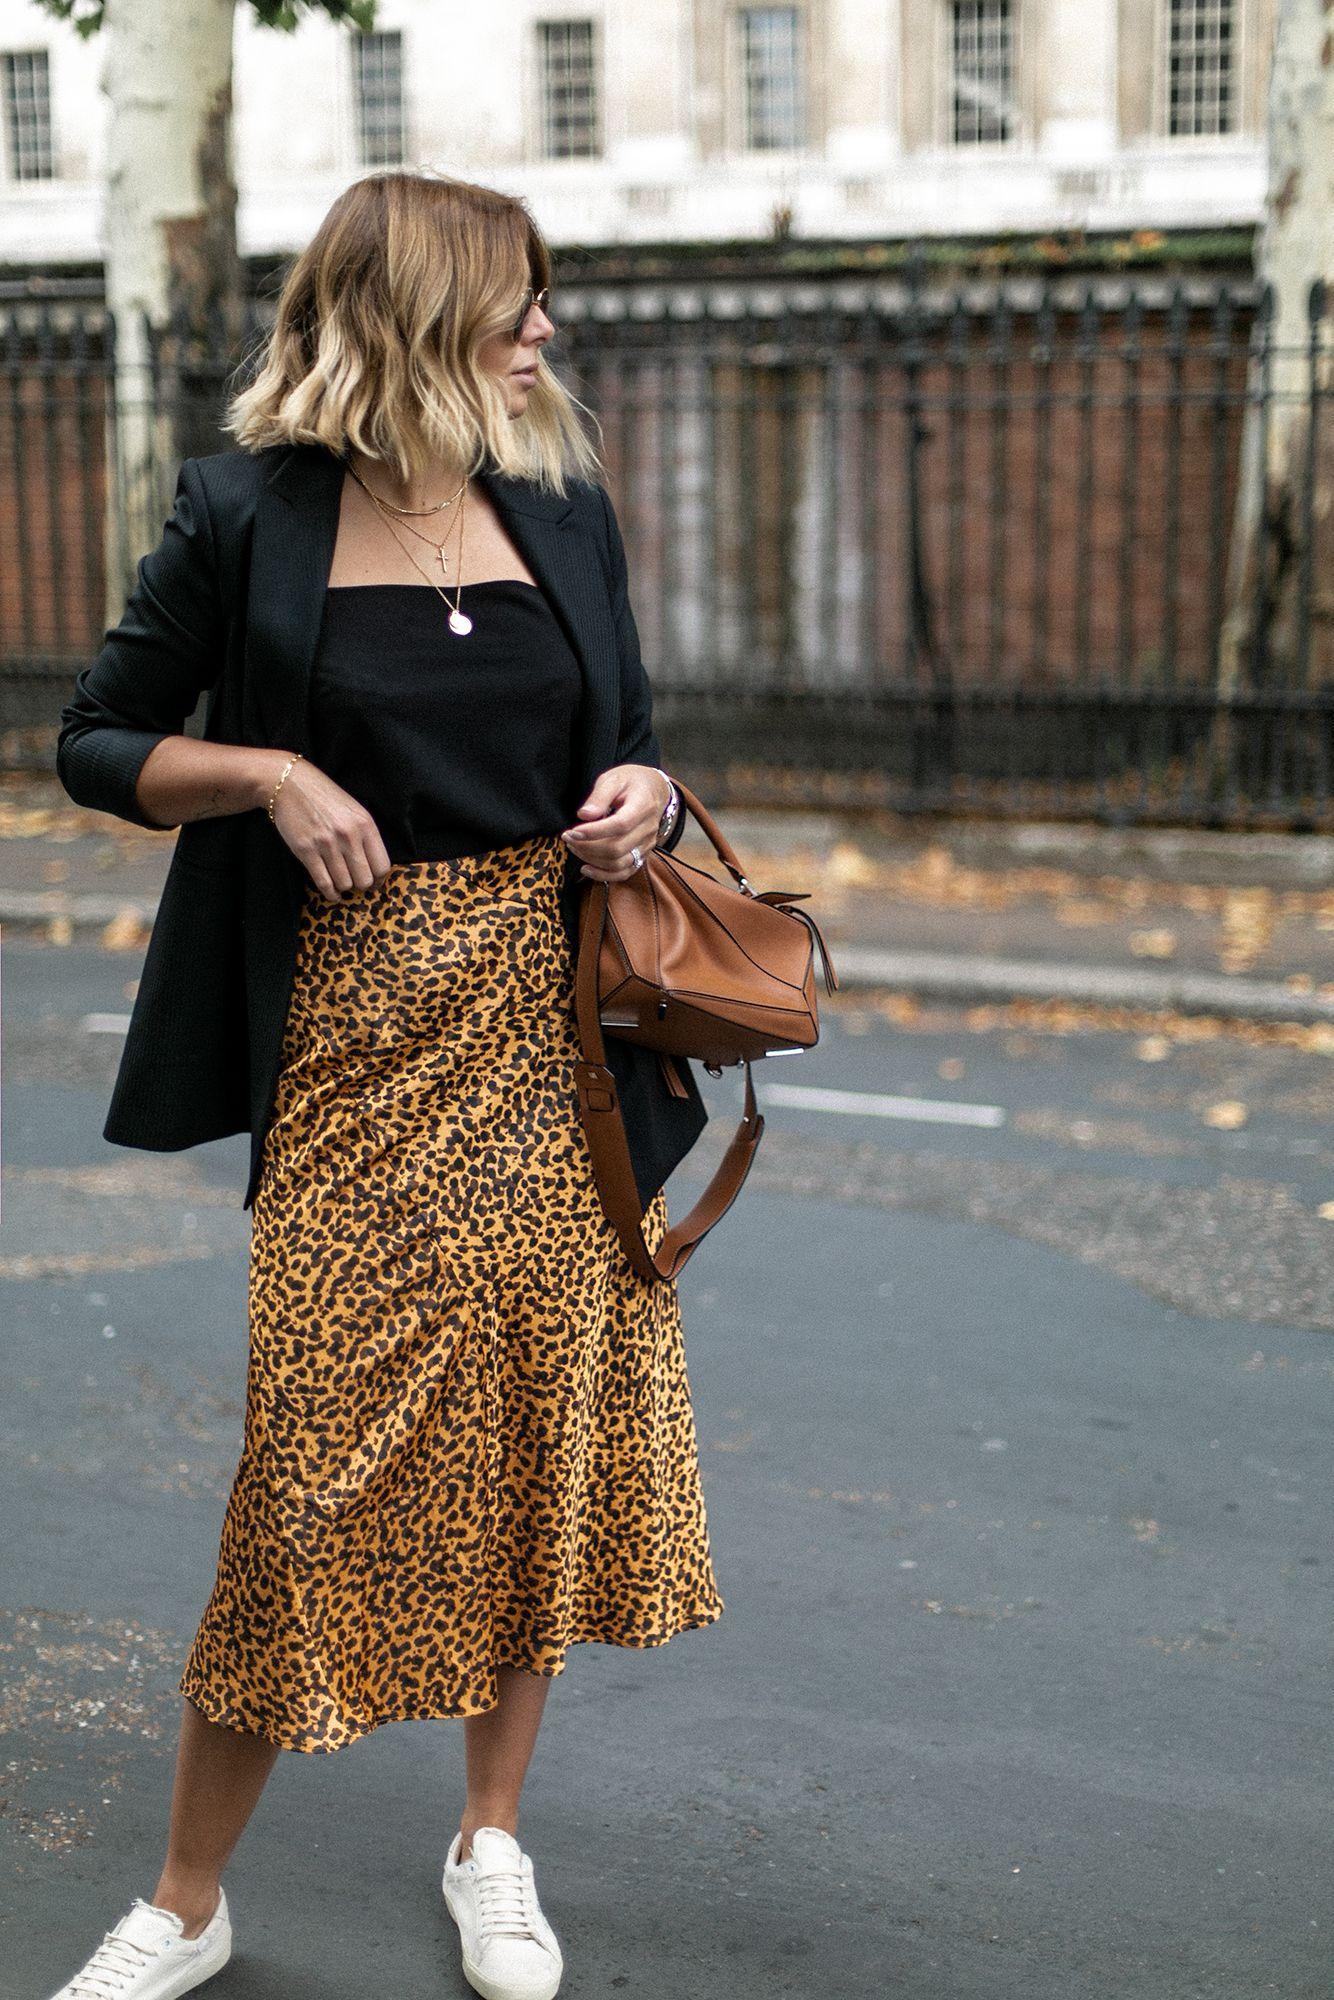 982ca09550db1 Emma Hill style. Leopard print slip skirt